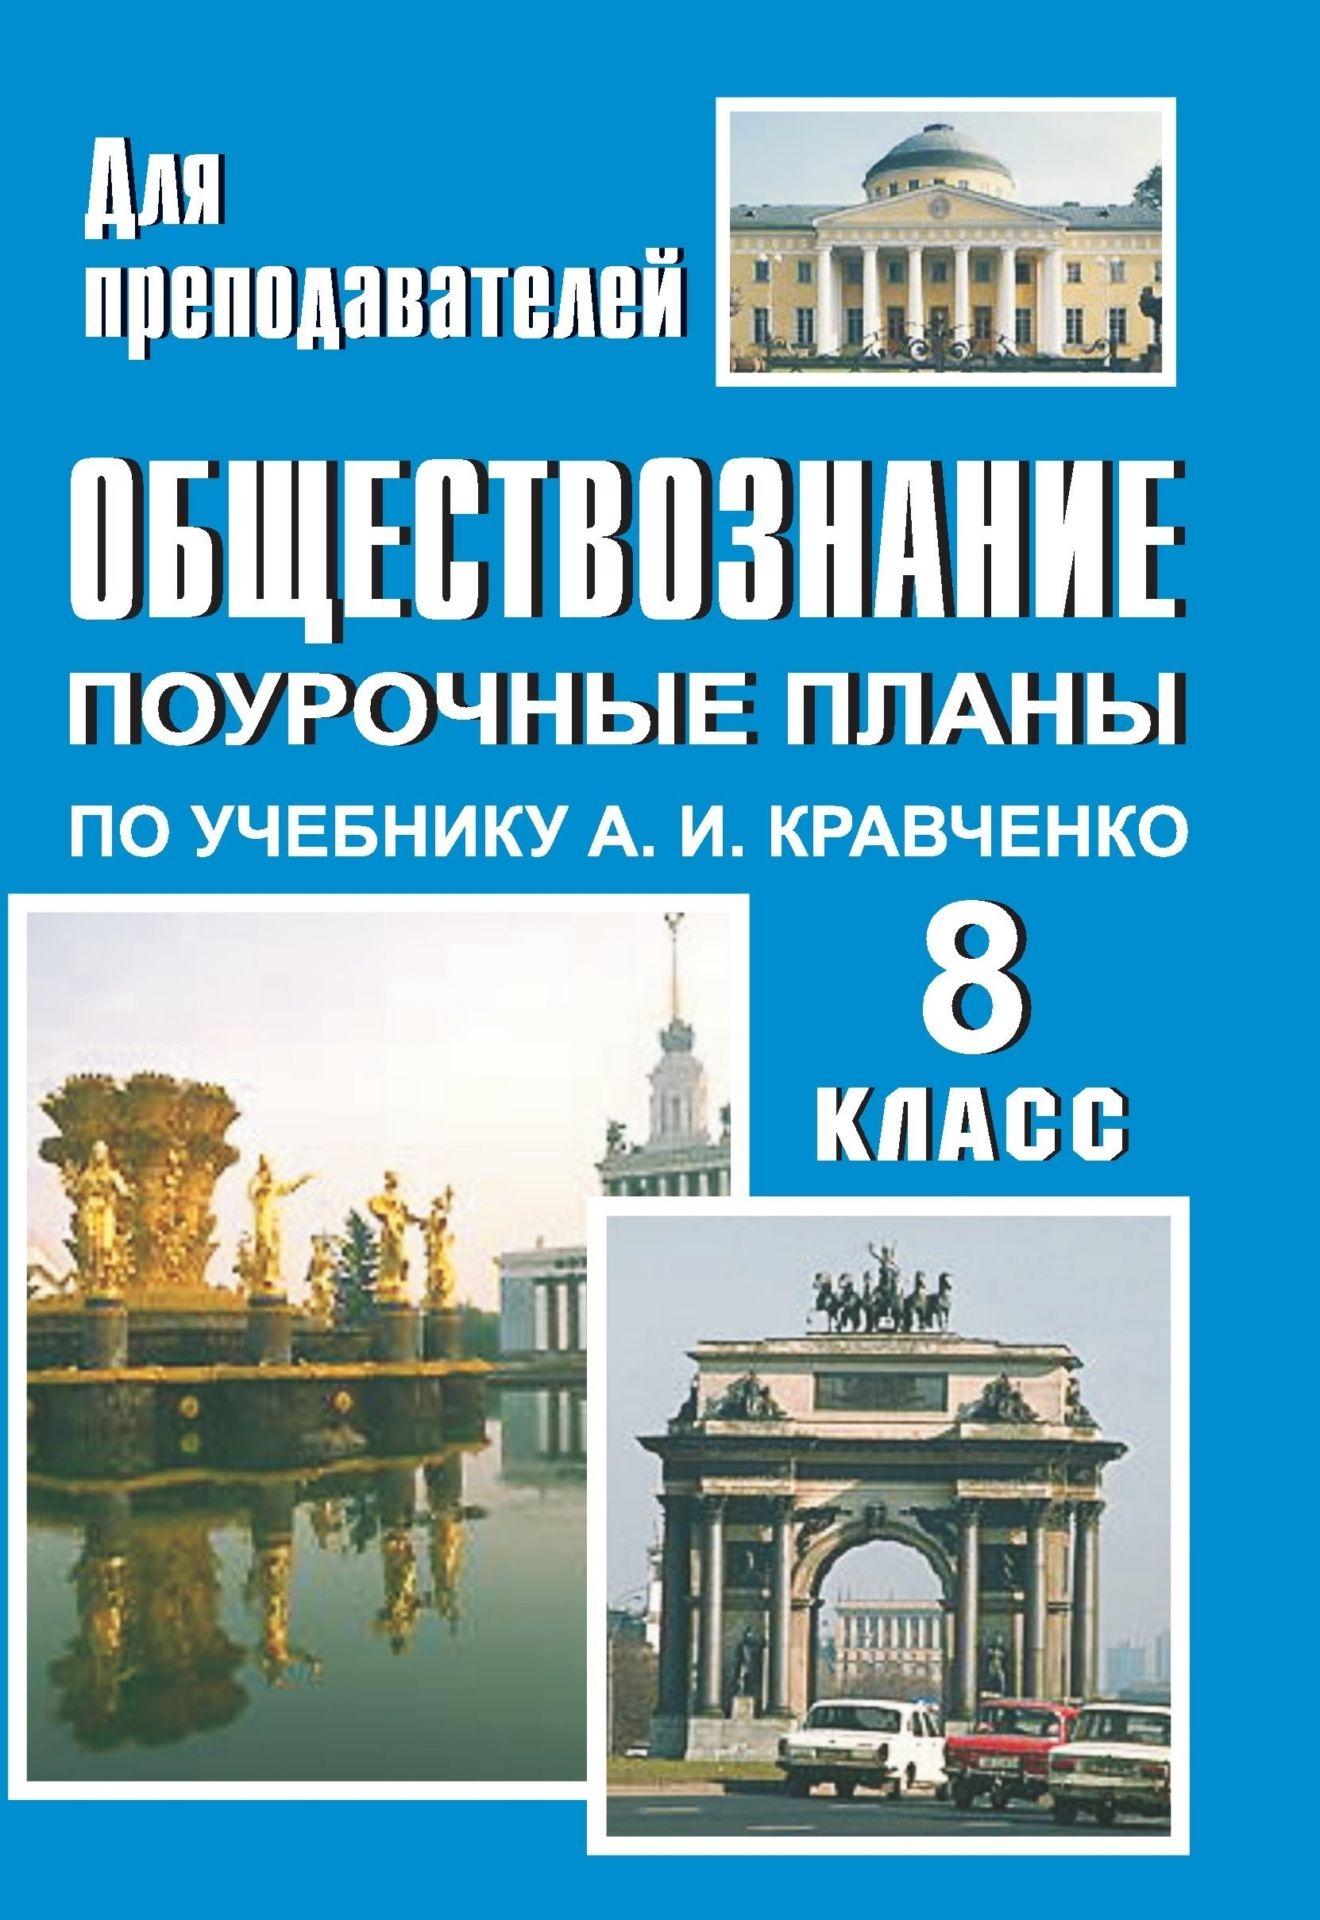 Обществознание. 8 кл.: поурочные планы по уч. А. И. Кравченко